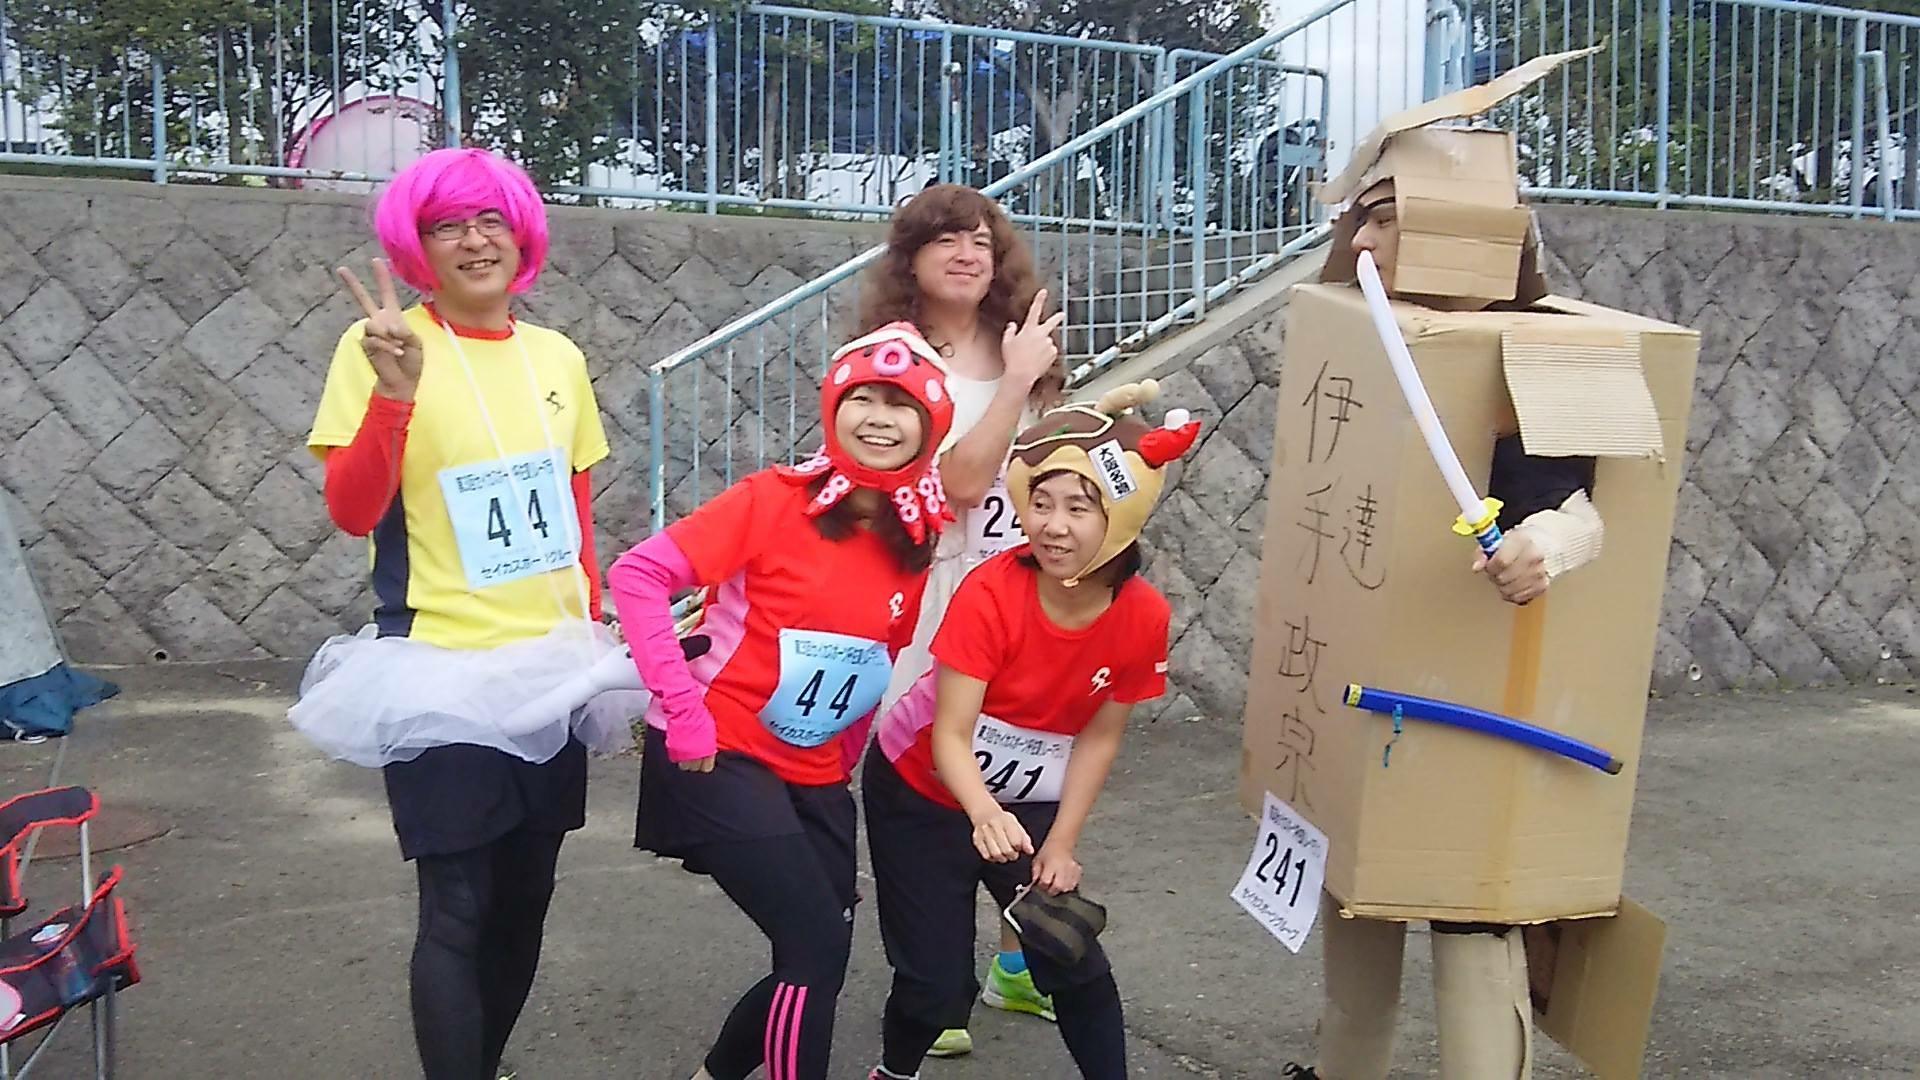 仮装マラソン